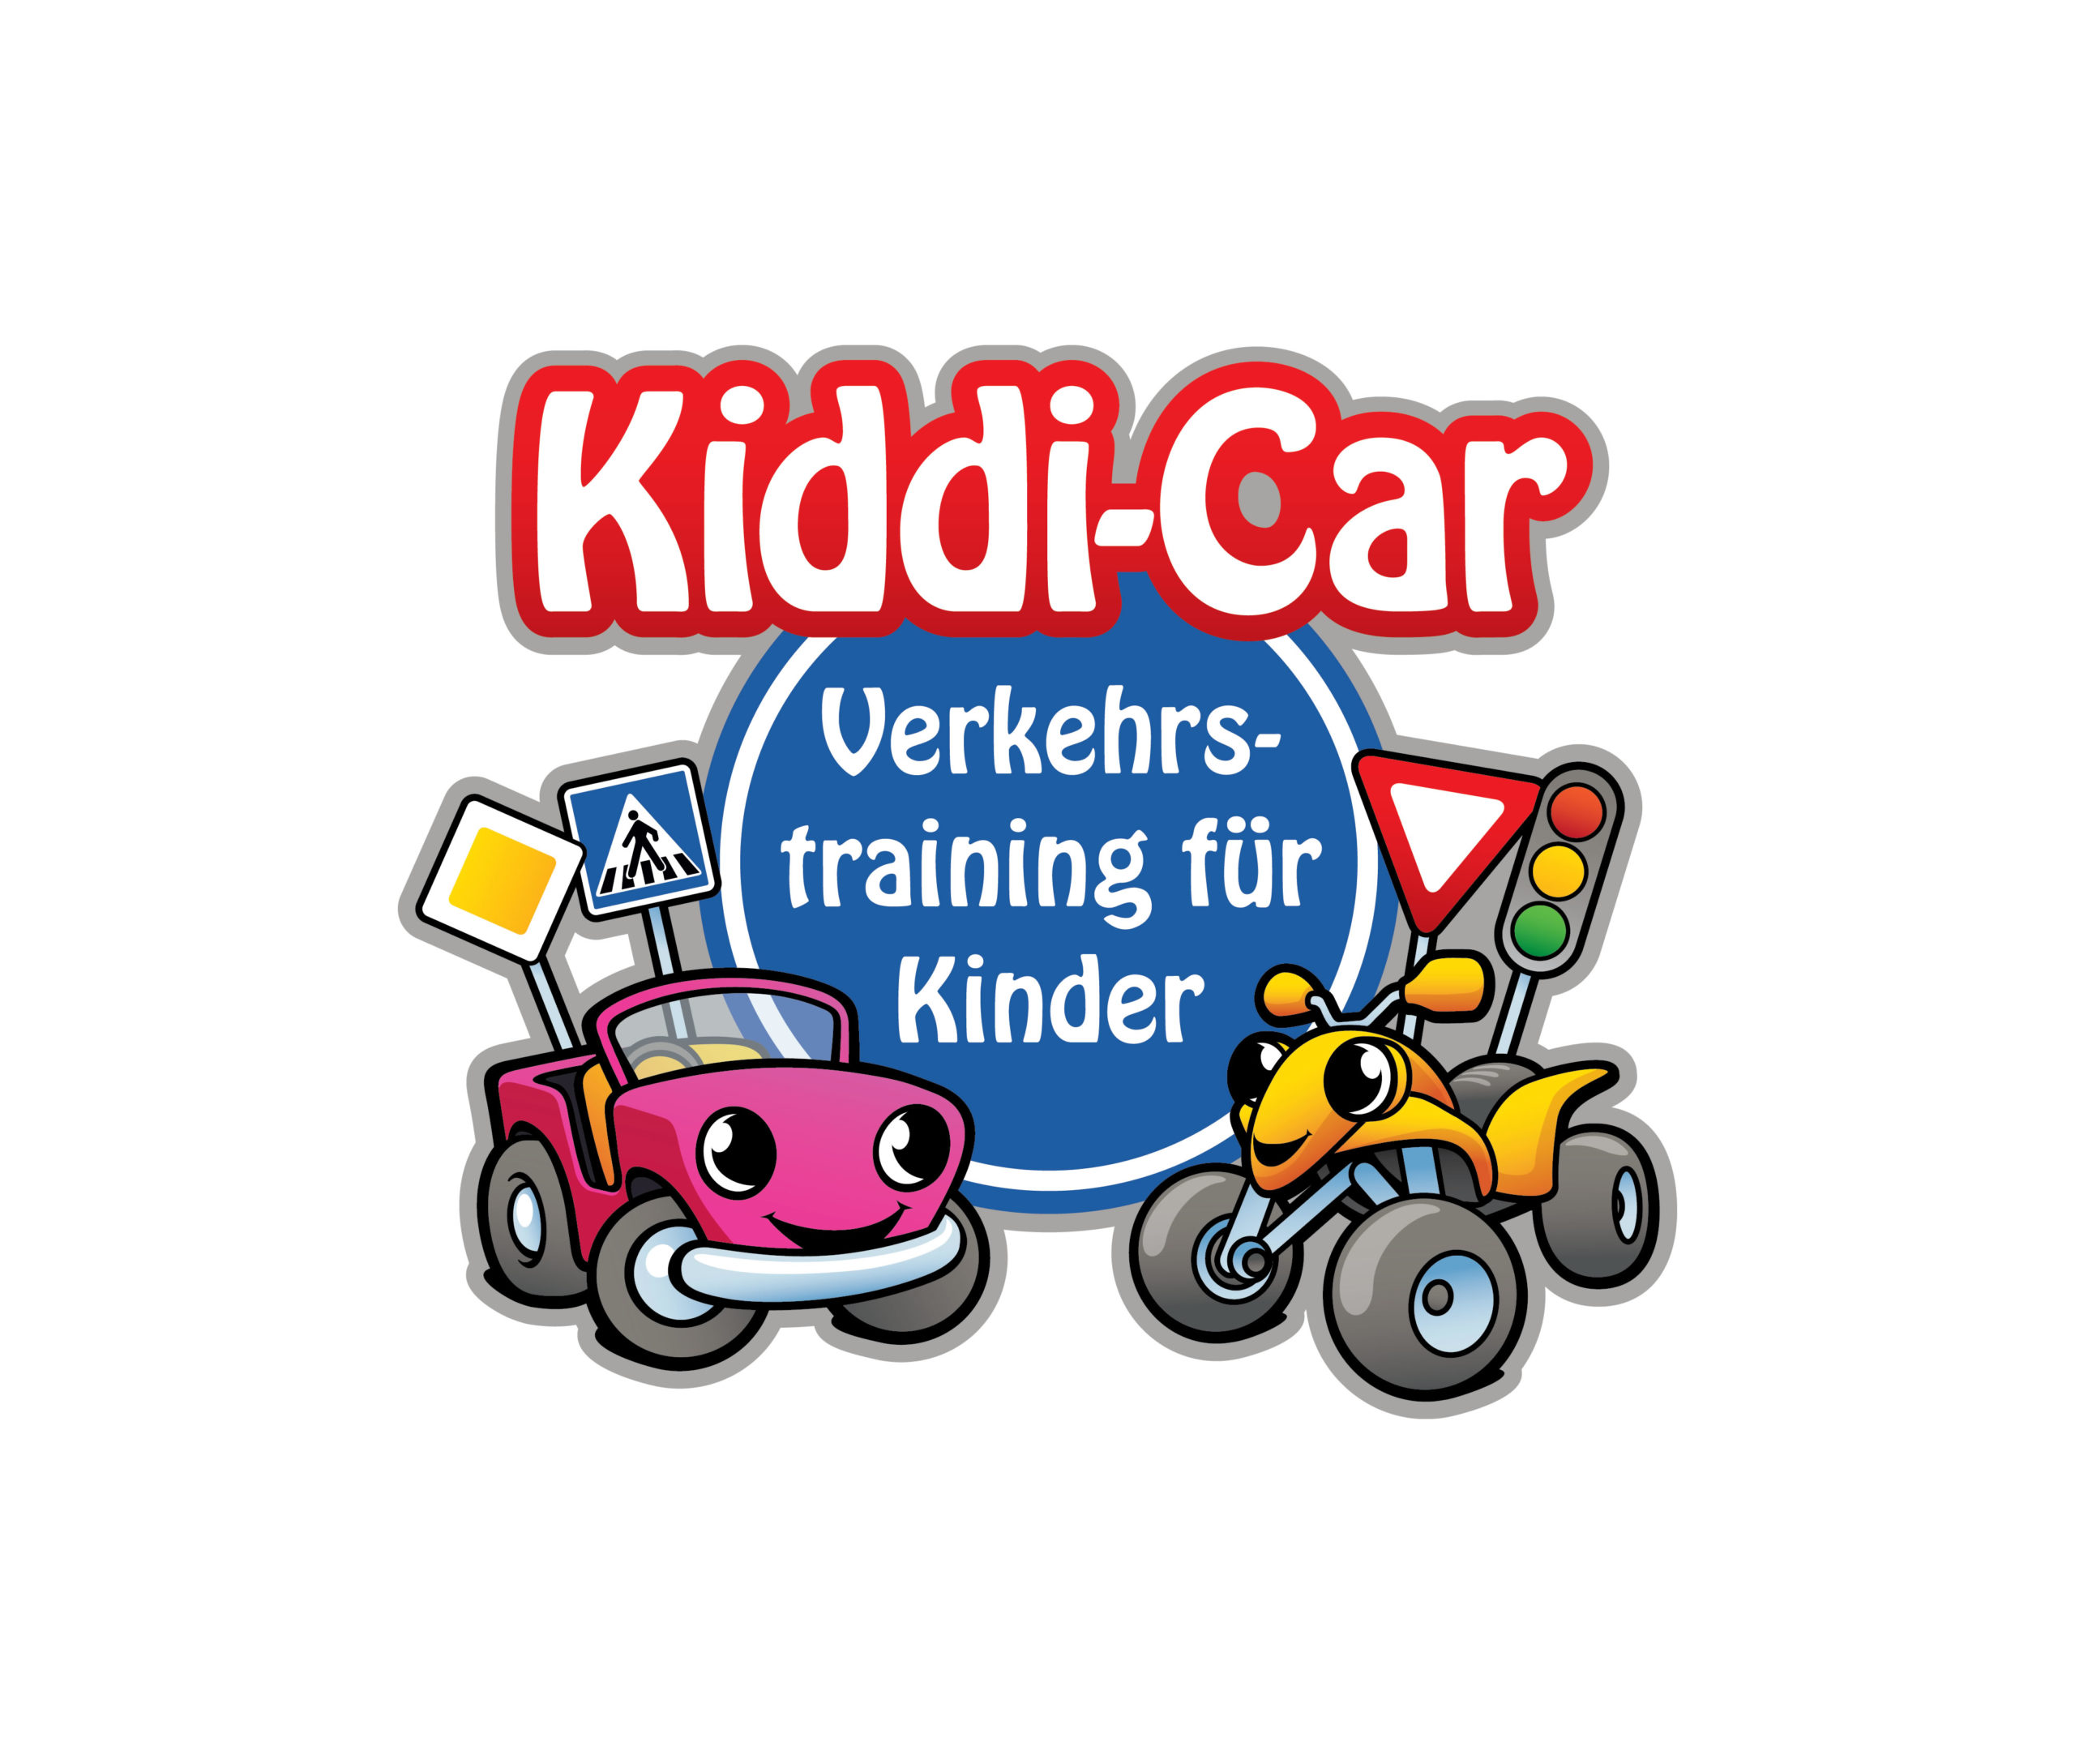 Kiddi-Car - Verkehrstraining für Kinder